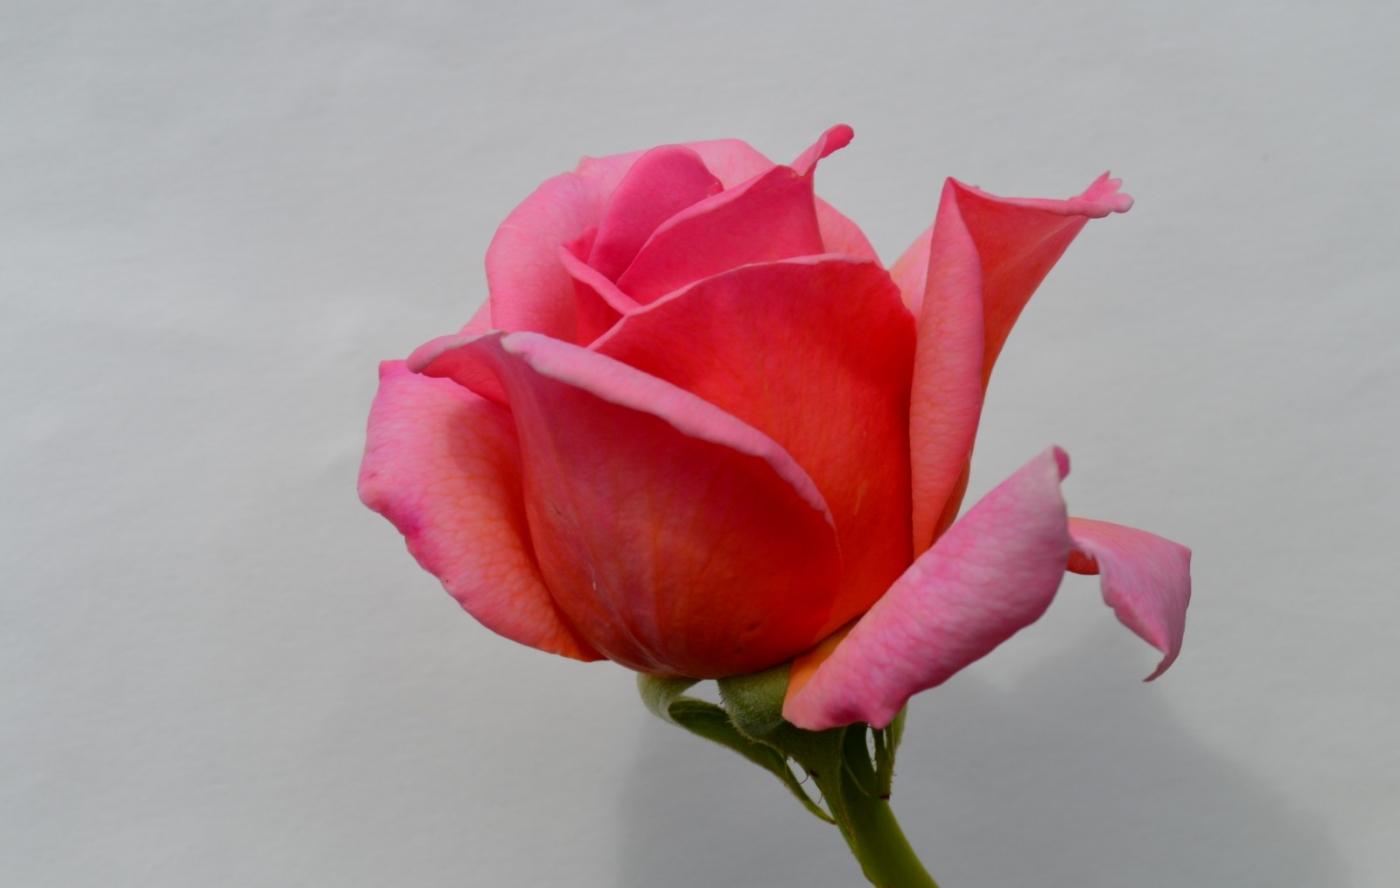 再拍玫瑰_图1-20